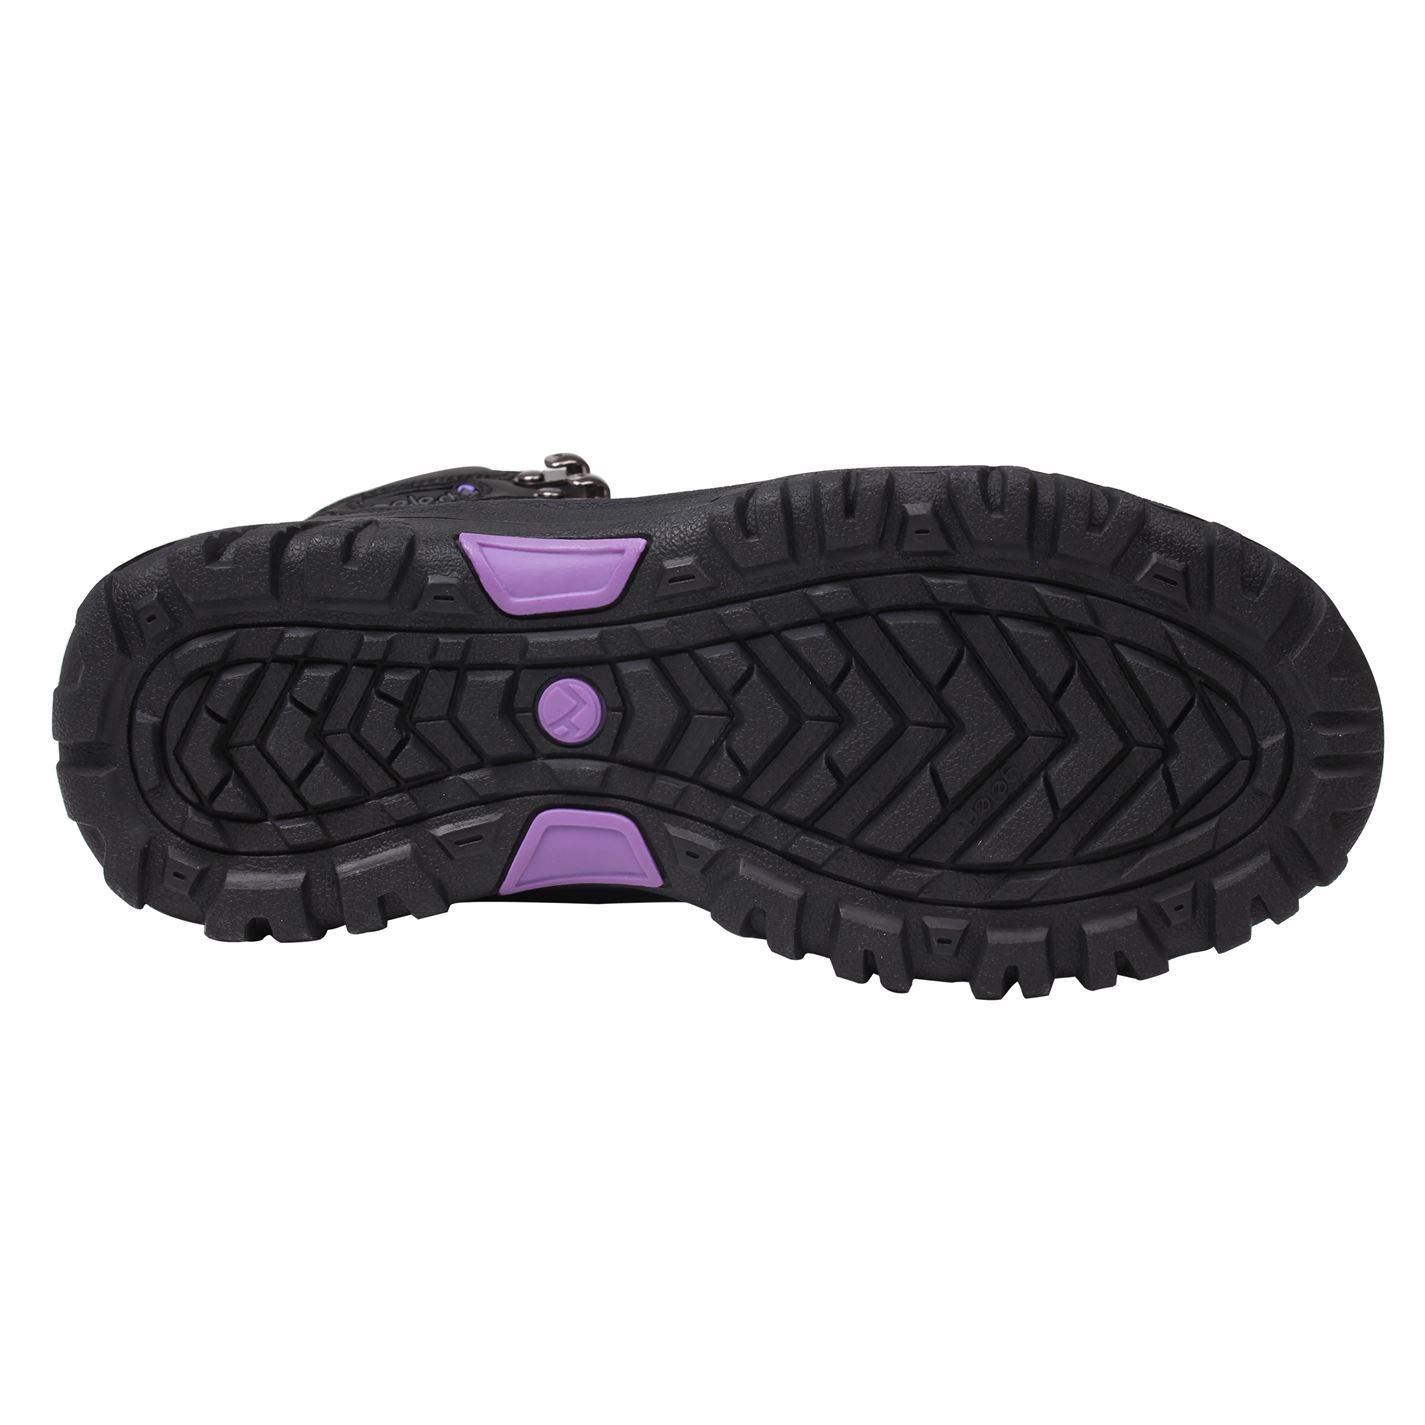 Détails sur Gelert Cuir Bottes Marche Femmes Noir Randonnée Trekking Chaussures